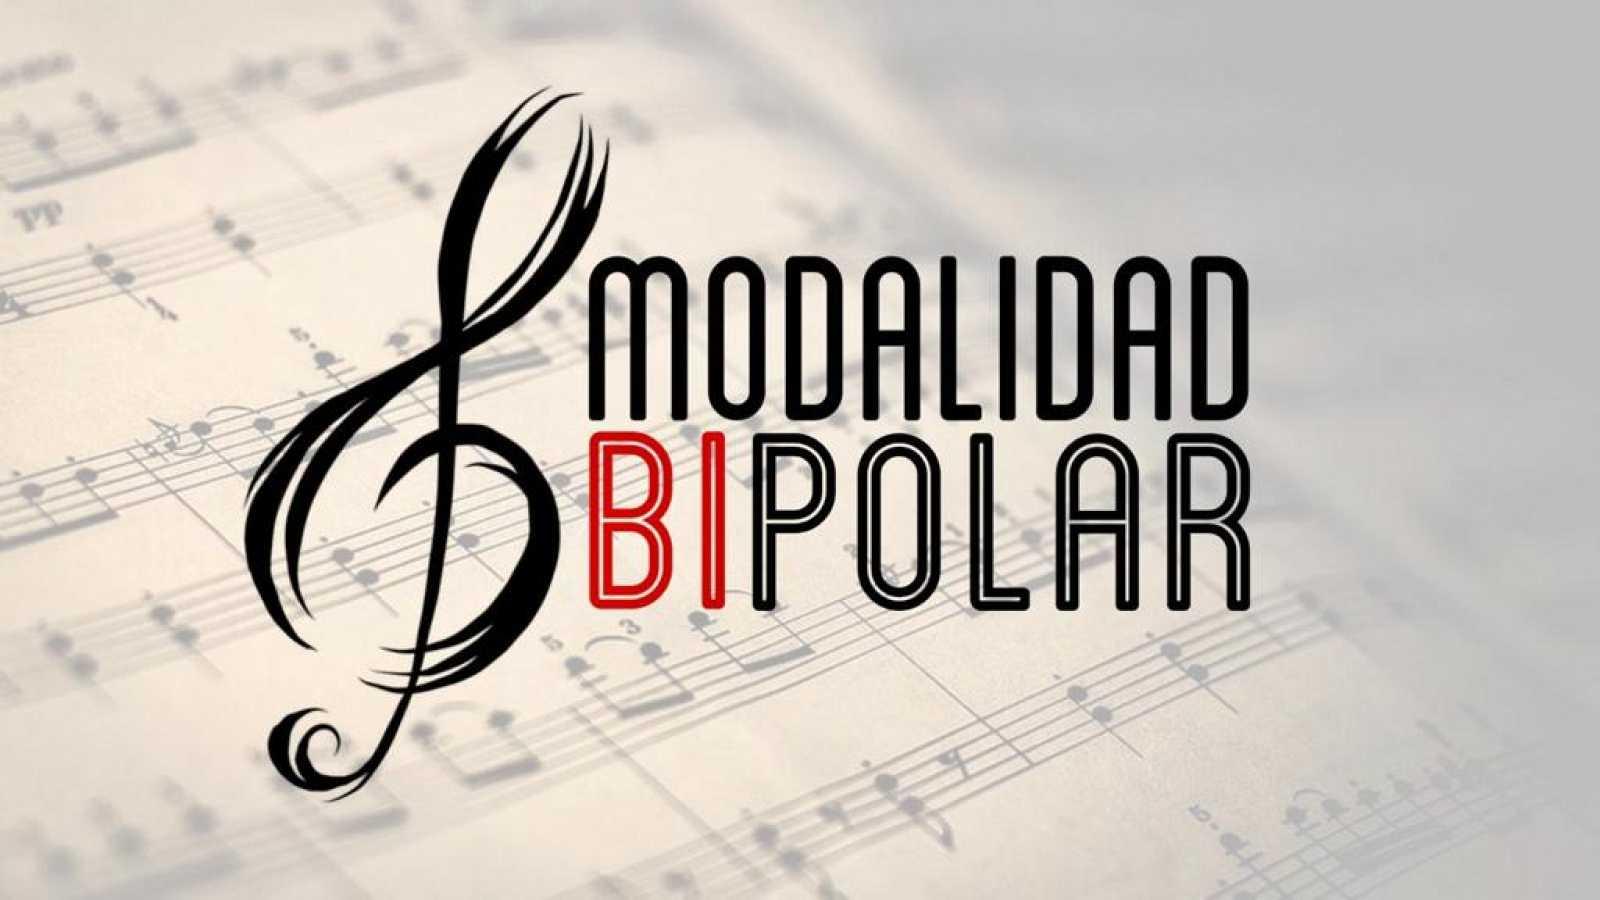 No es un día cualquiera - Modalidad bipolar - Andrés Salado - 'La platea' - 25/10/2020 - Escuchar ahora